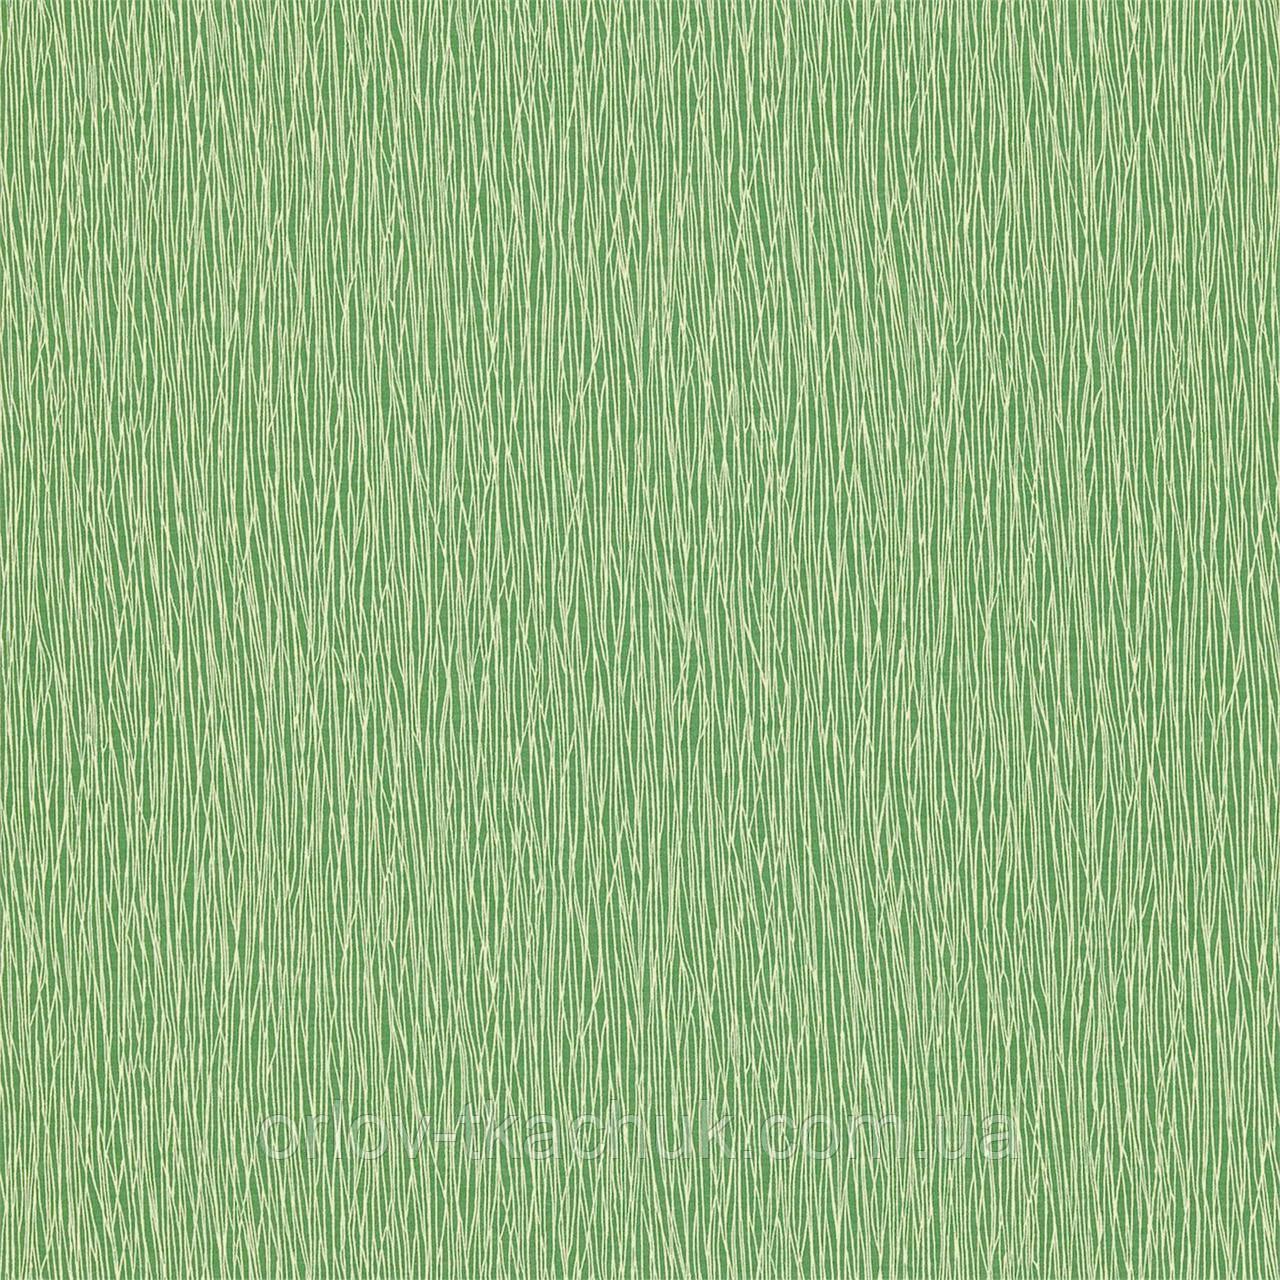 Обои флизелиновые Bark Melinki Scion